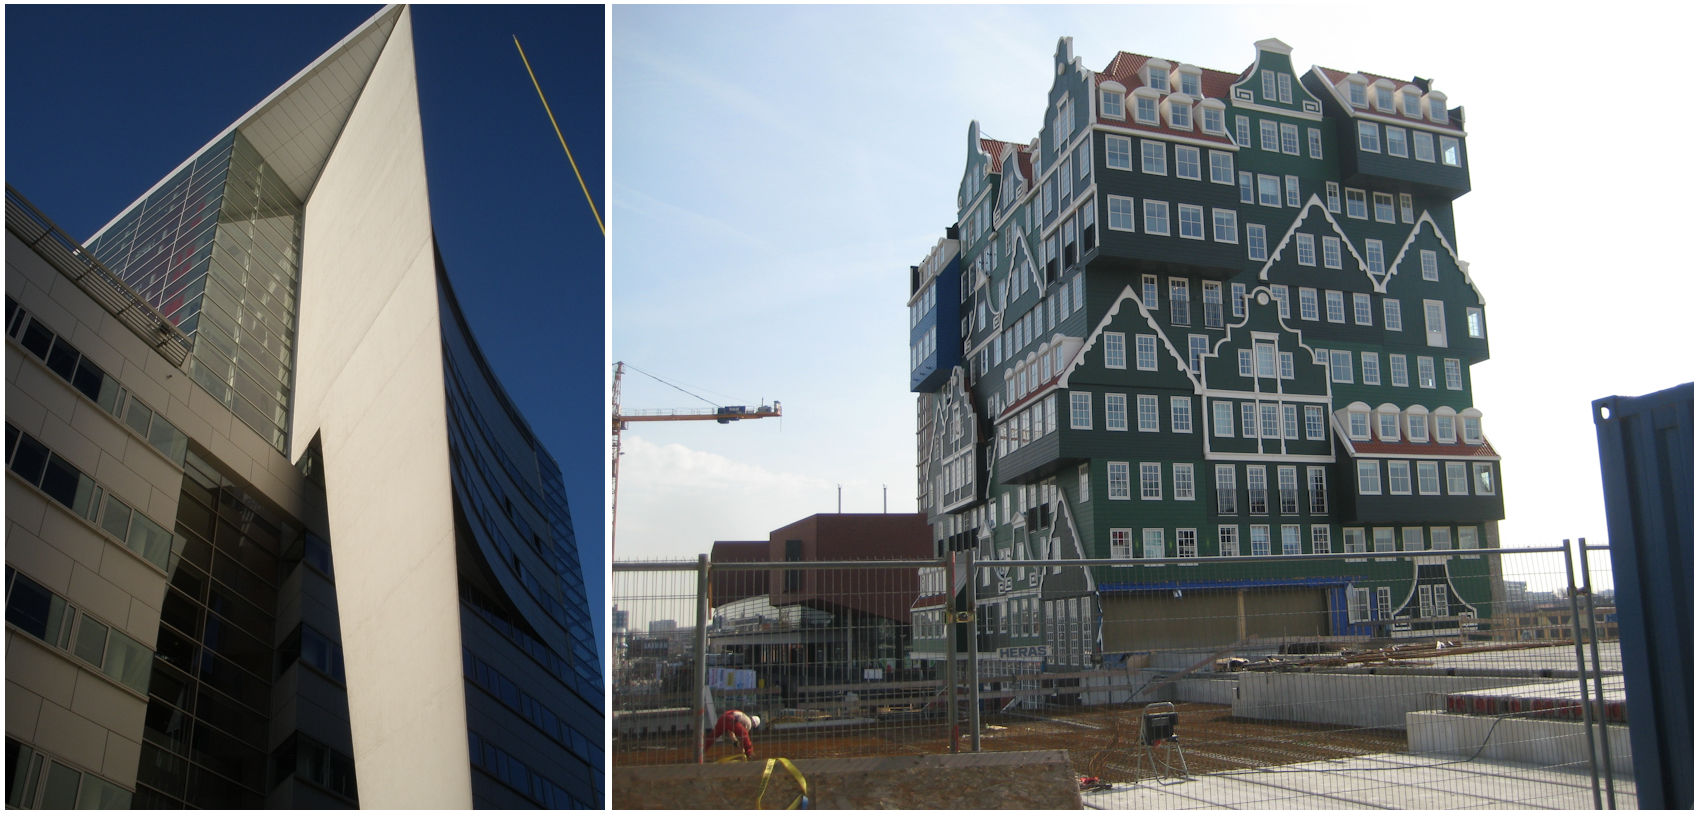 gebouwen met bijzonder architectuur gevelonderhoud installatie